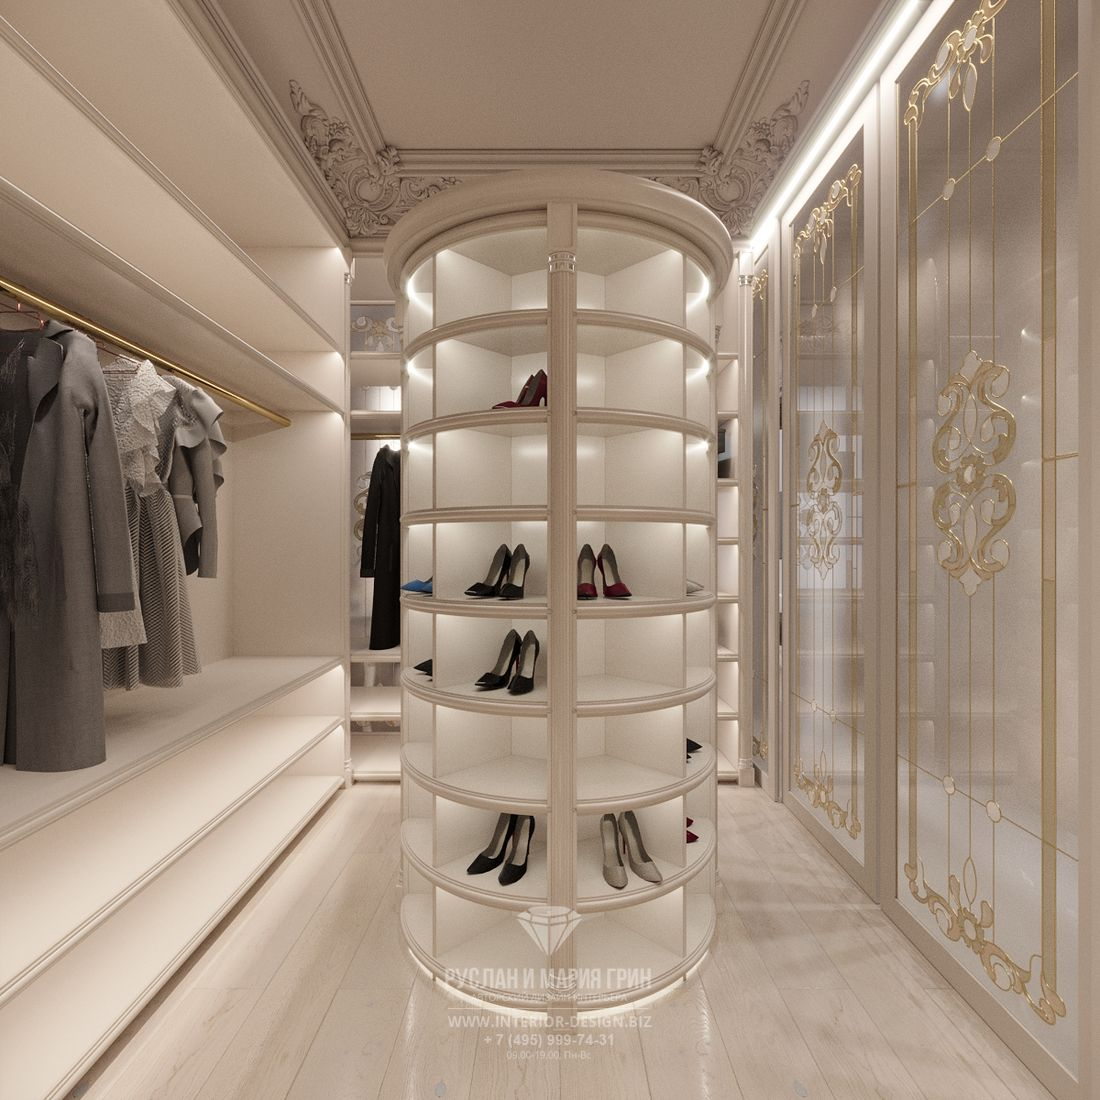 Дизайн белой гардеробной комнаты в классическом стиле